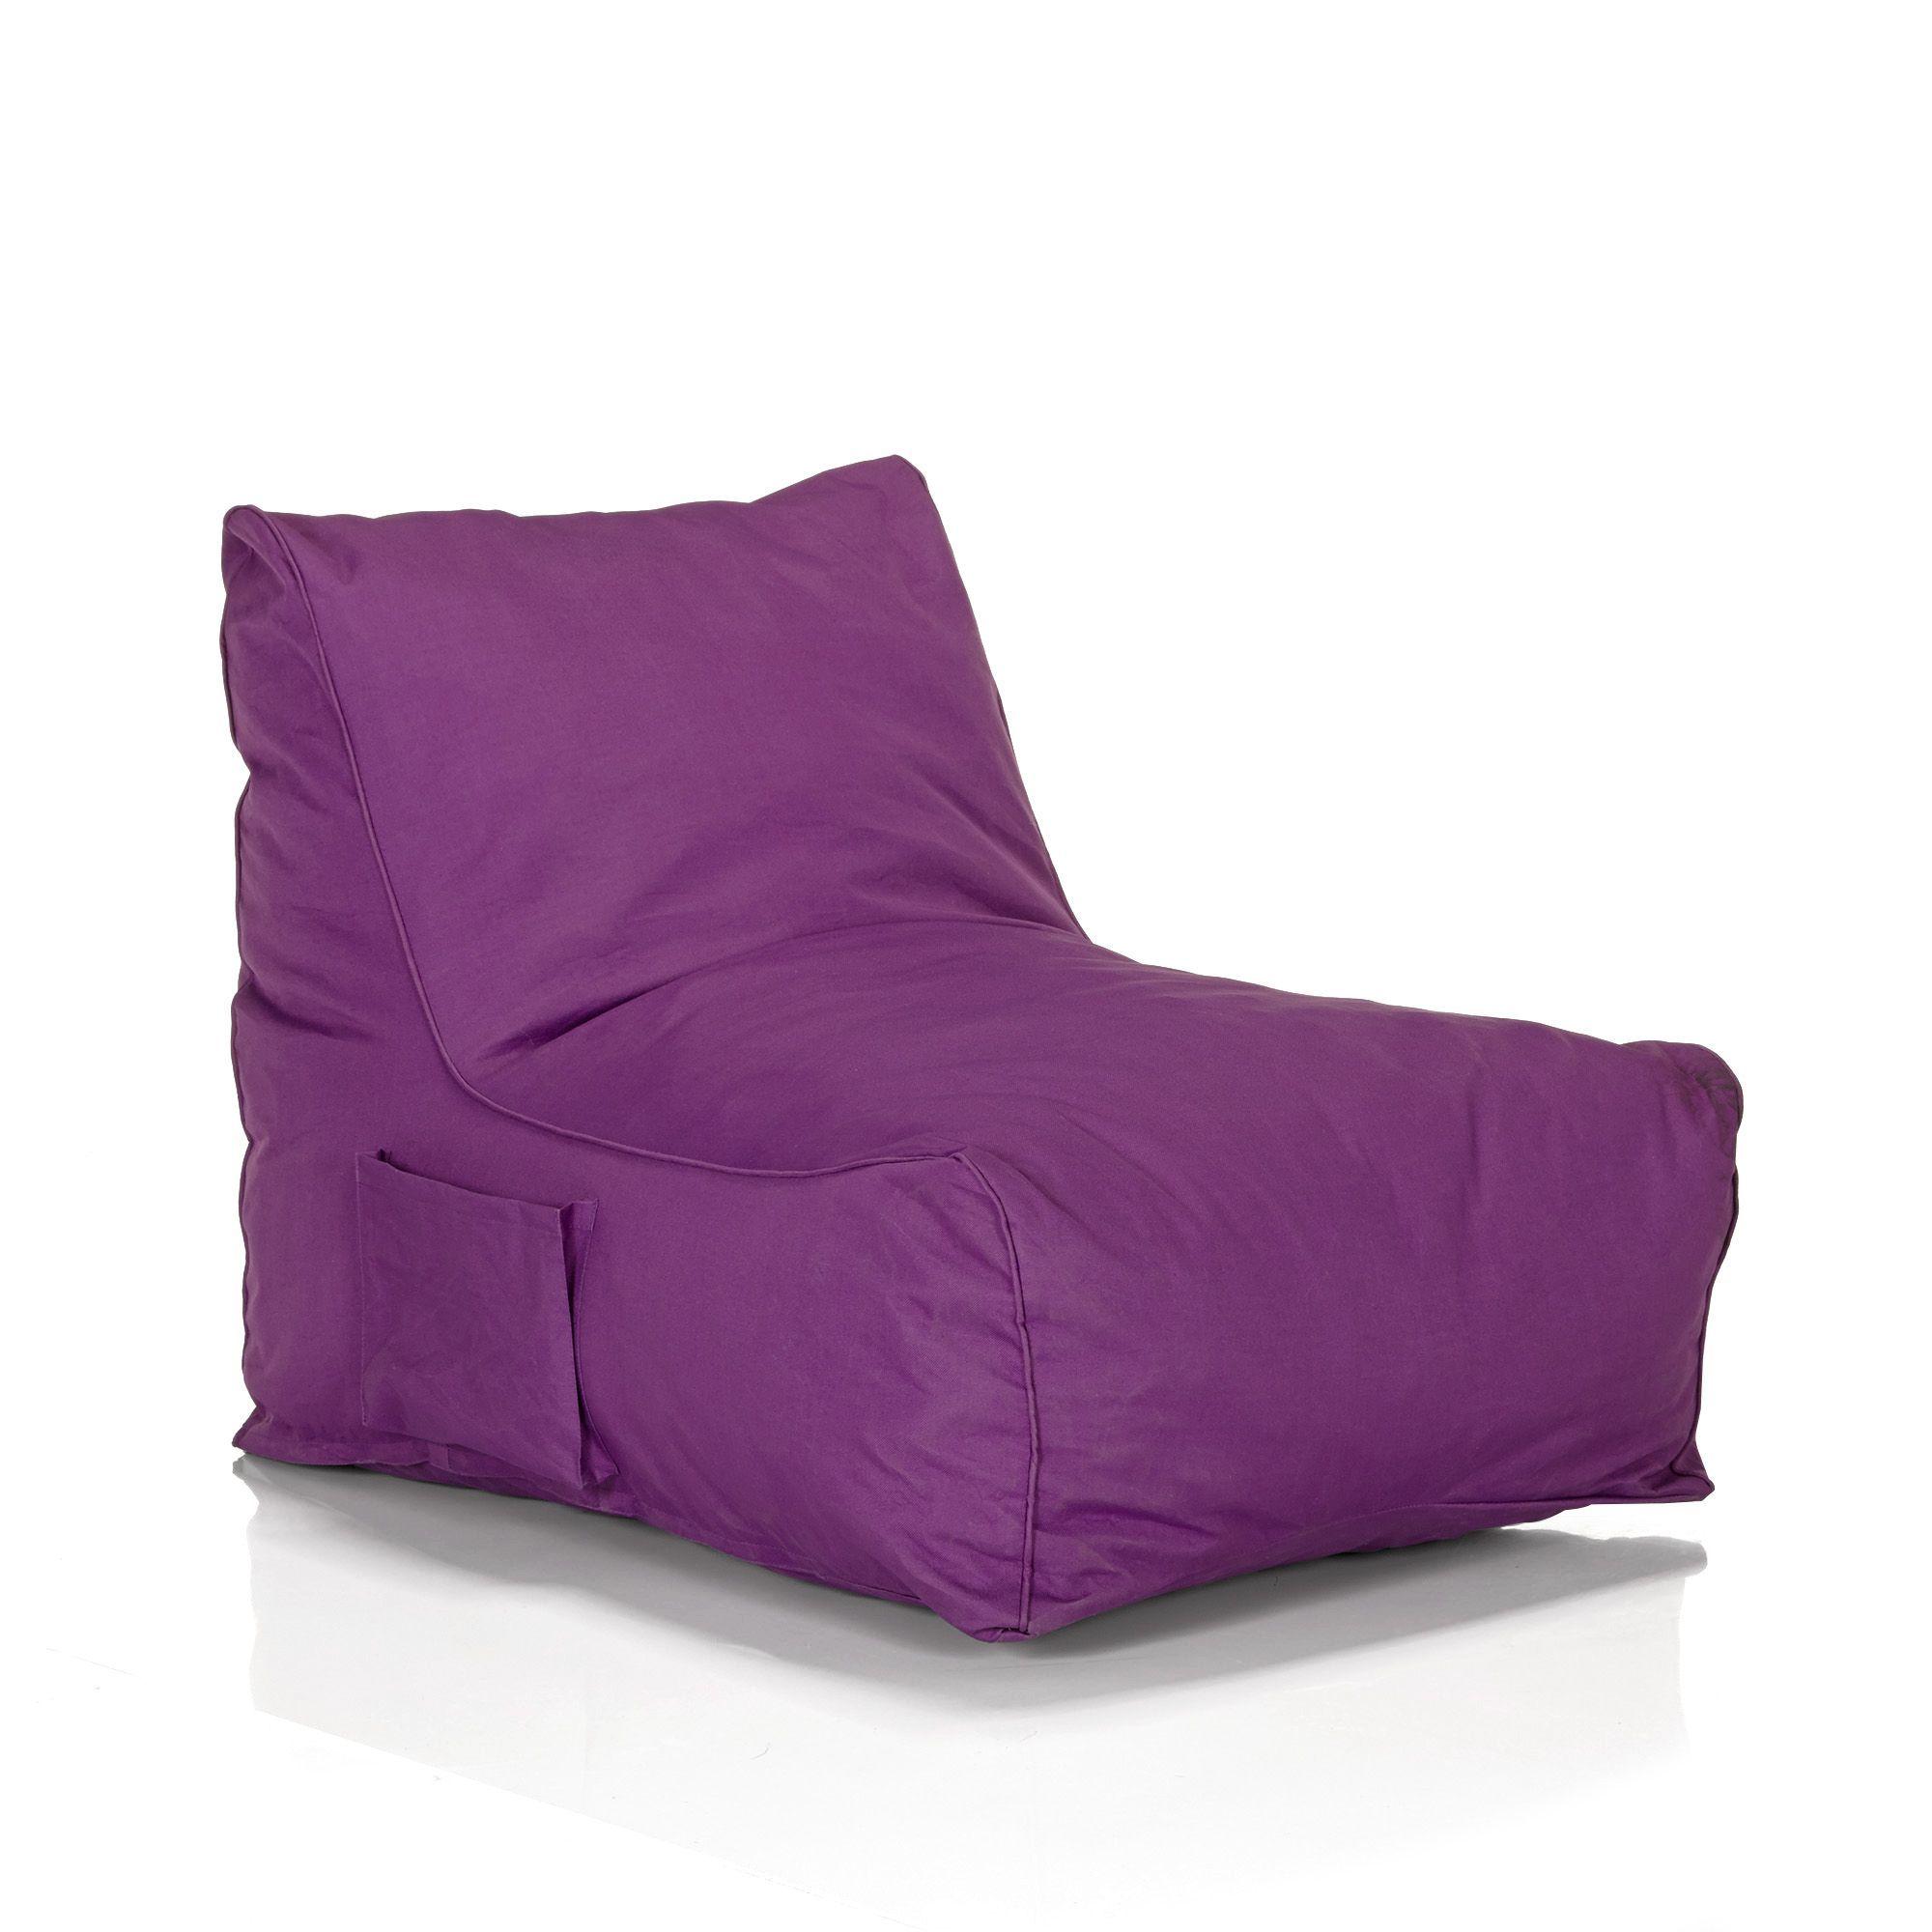 fauteuil pouf violet violet amalia